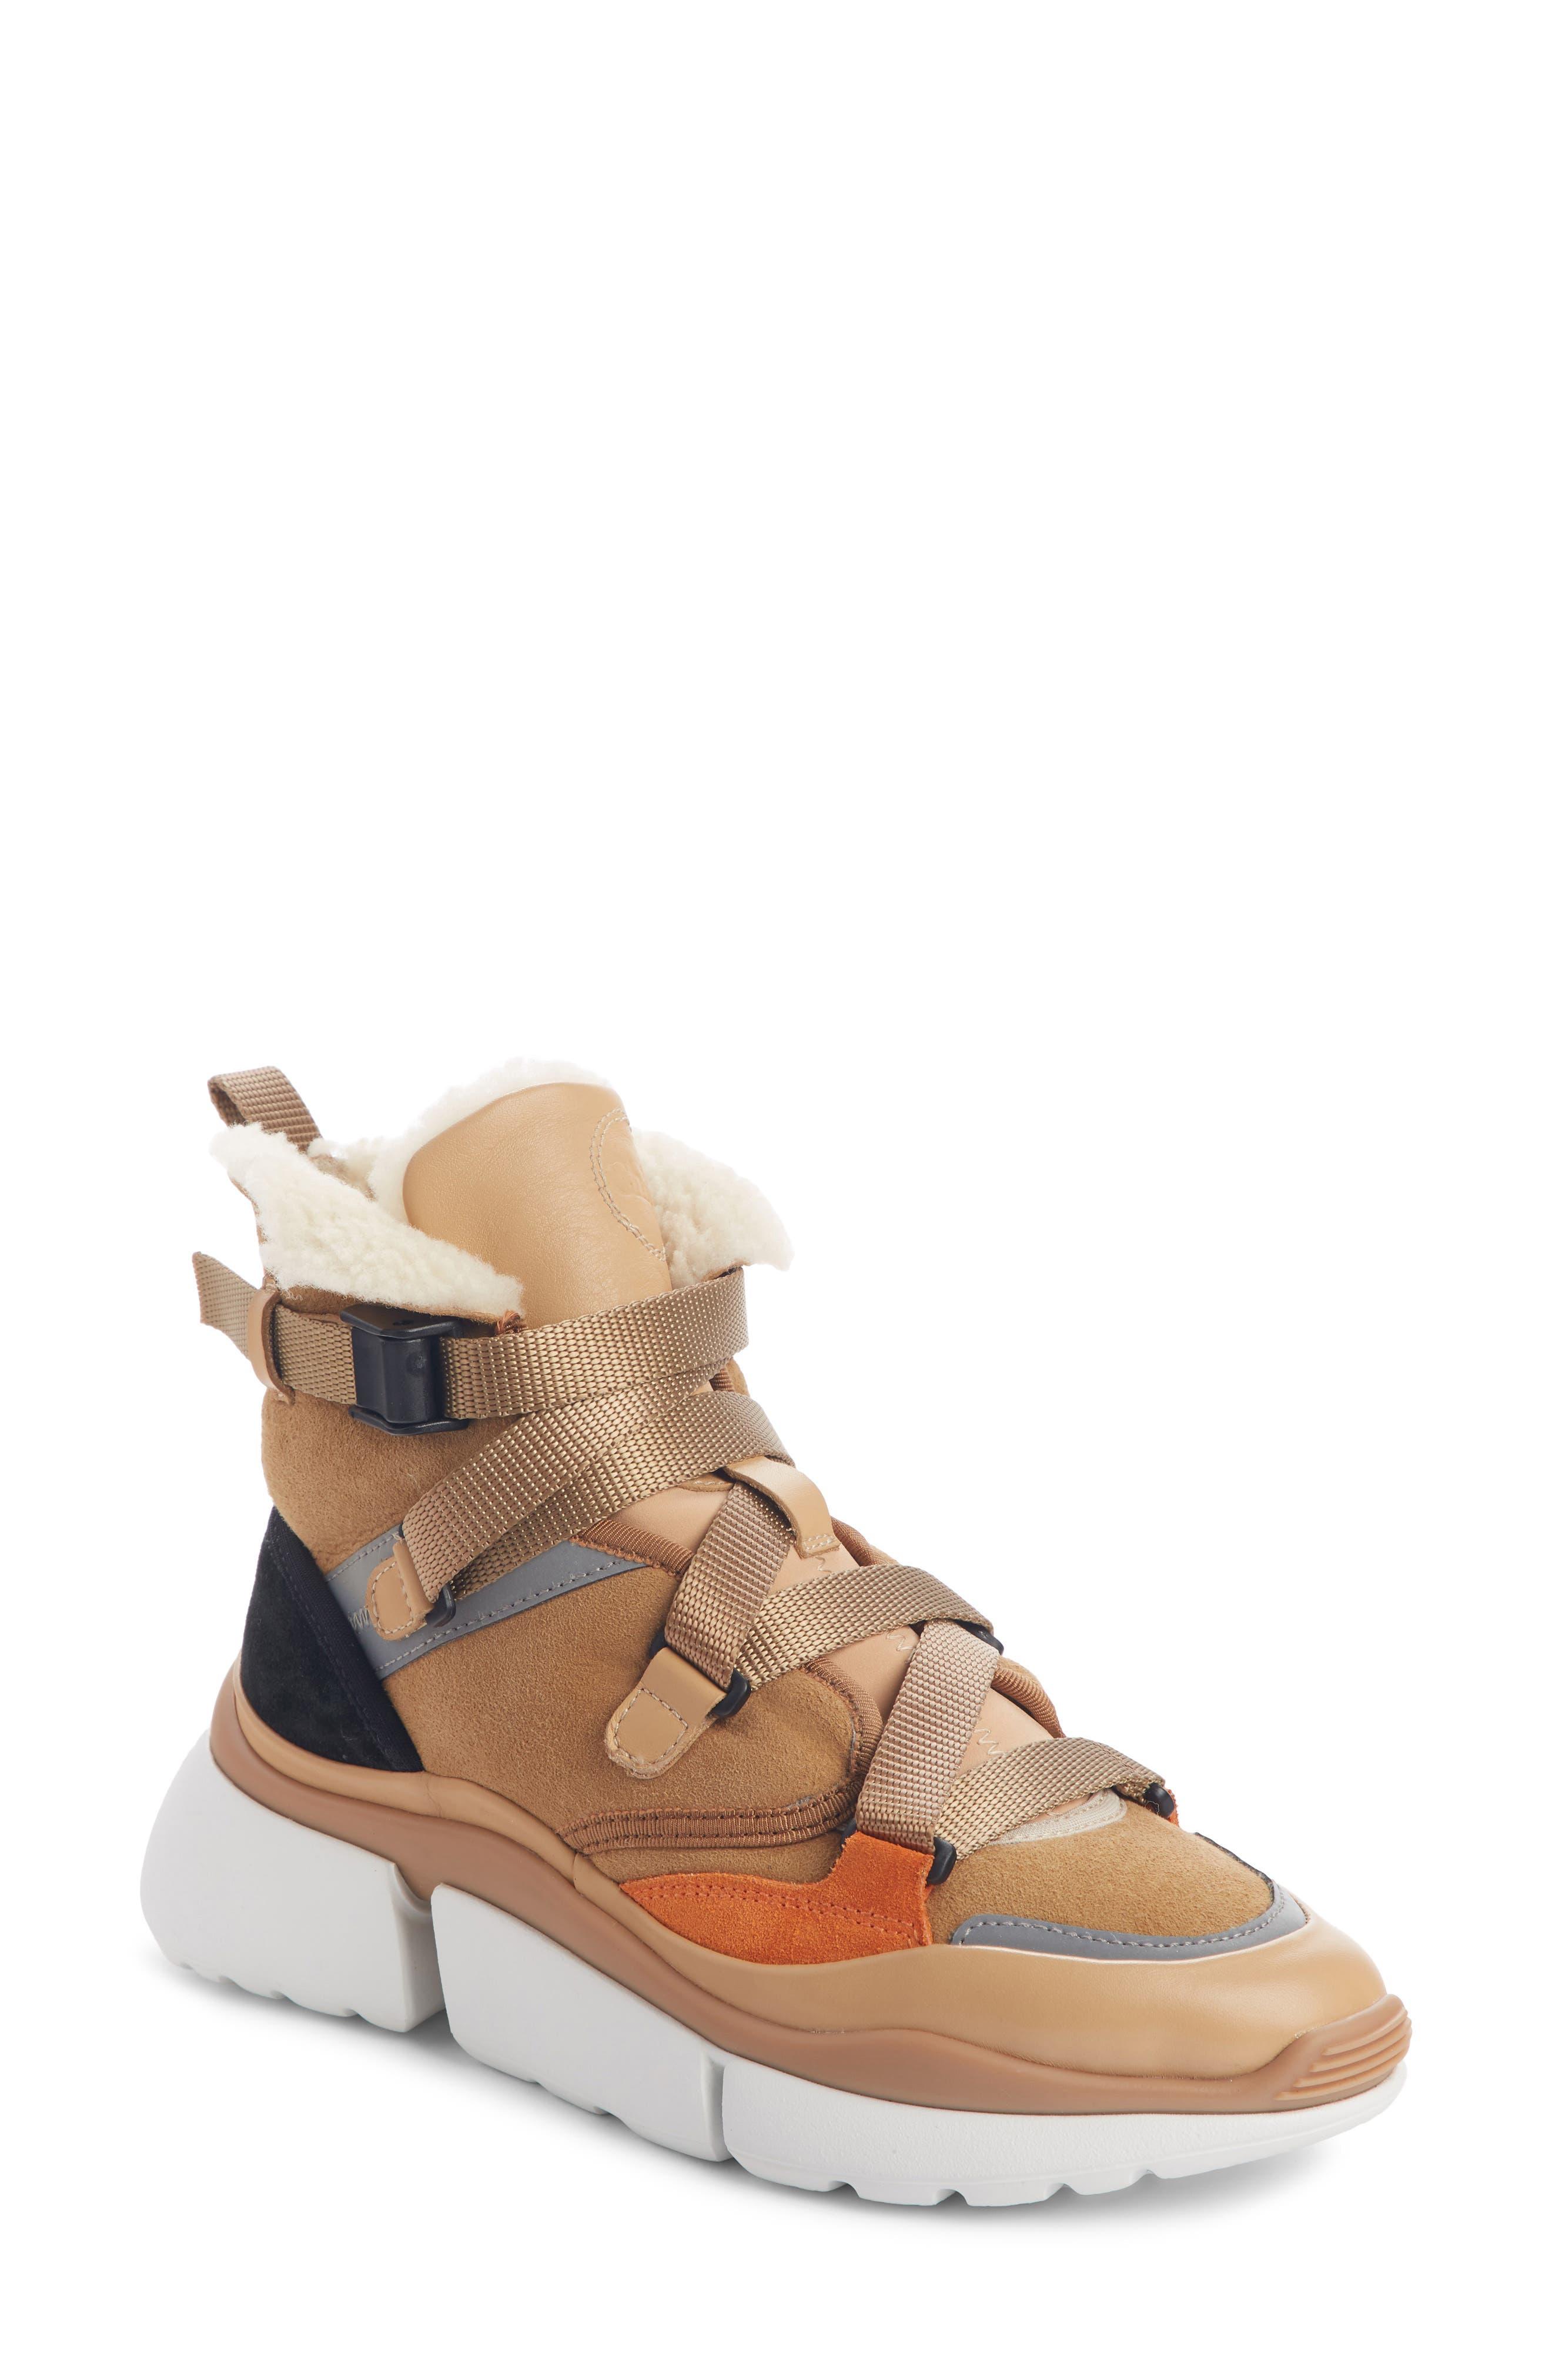 Chloe Sonnie Genuine Shearling High-Top Sneaker, Brown